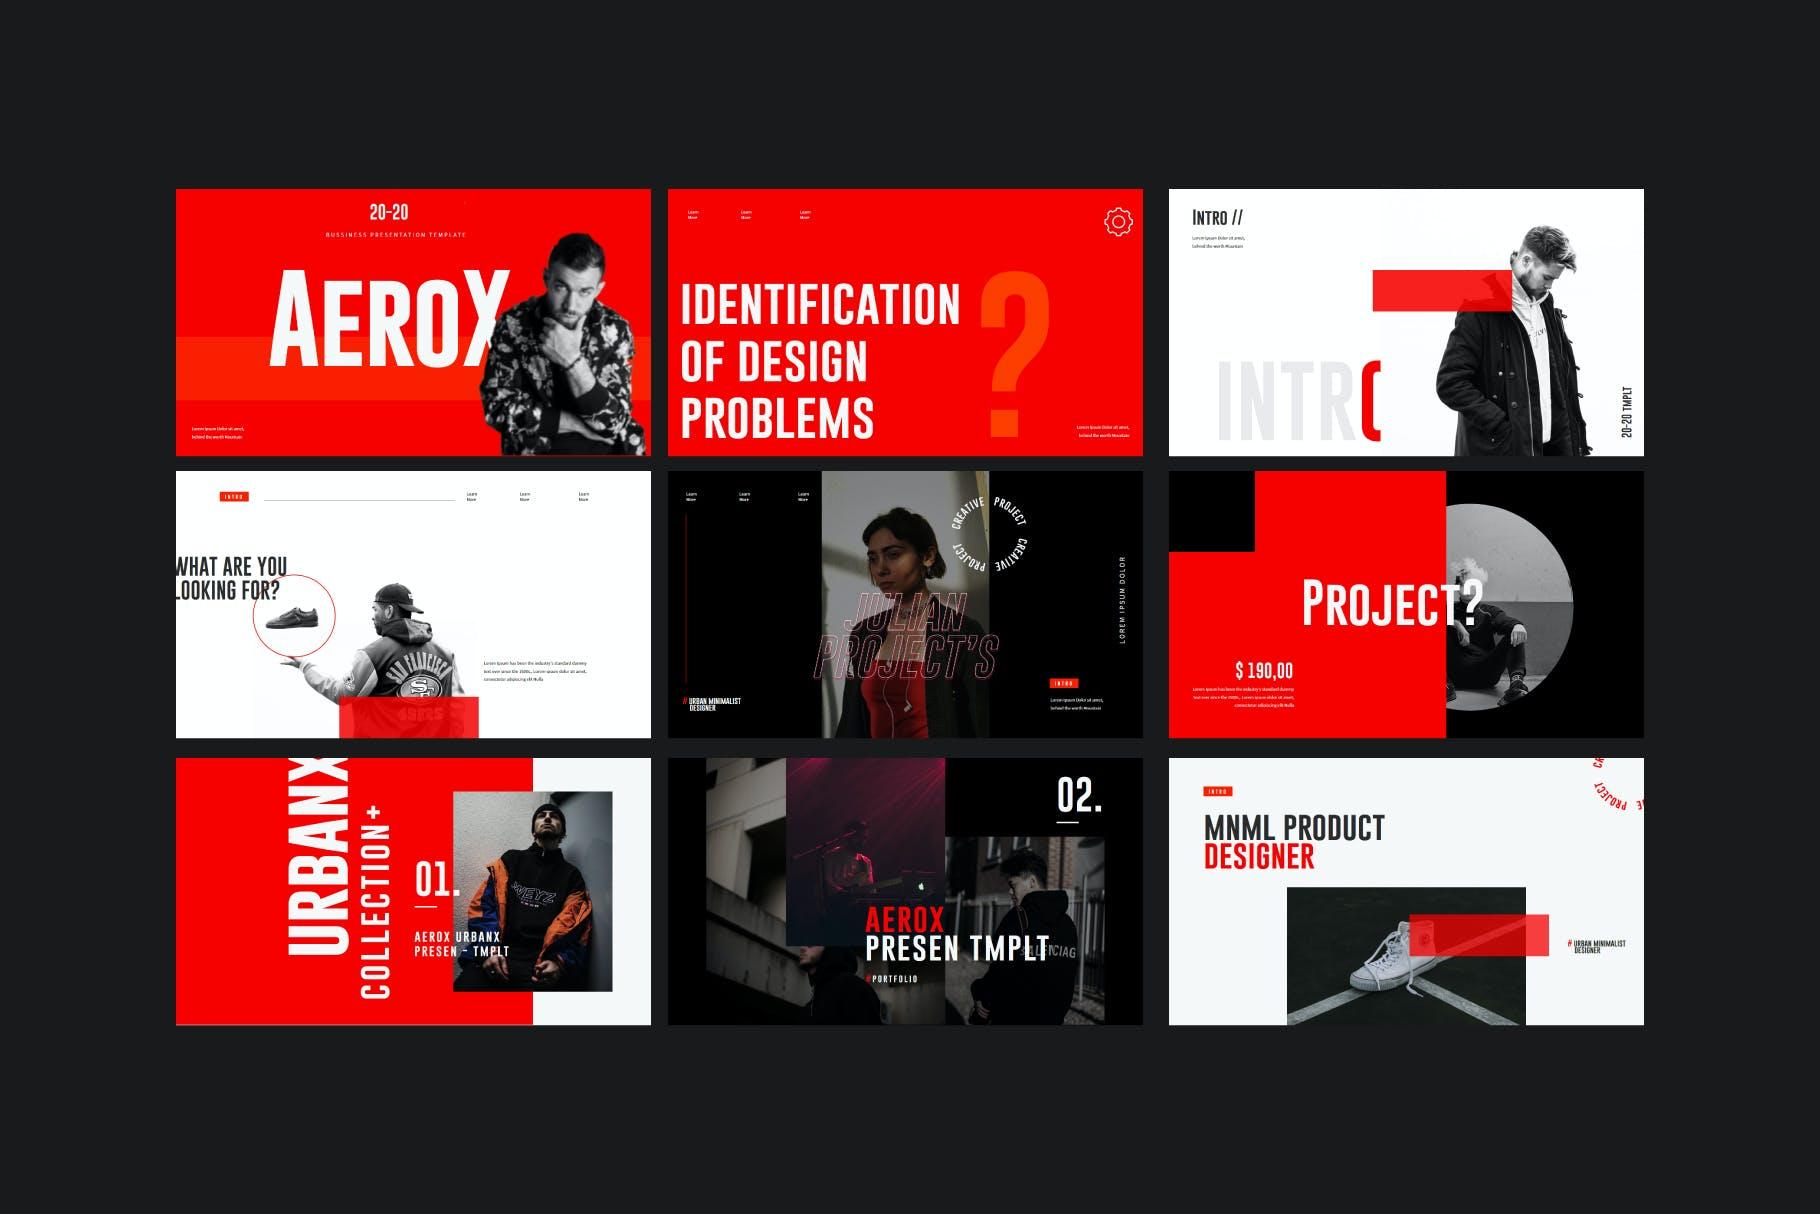 时尚潮流撞色运动潮牌品牌推广PPT演示文稿模板素材 Aerox – Powerpoint Template插图(5)